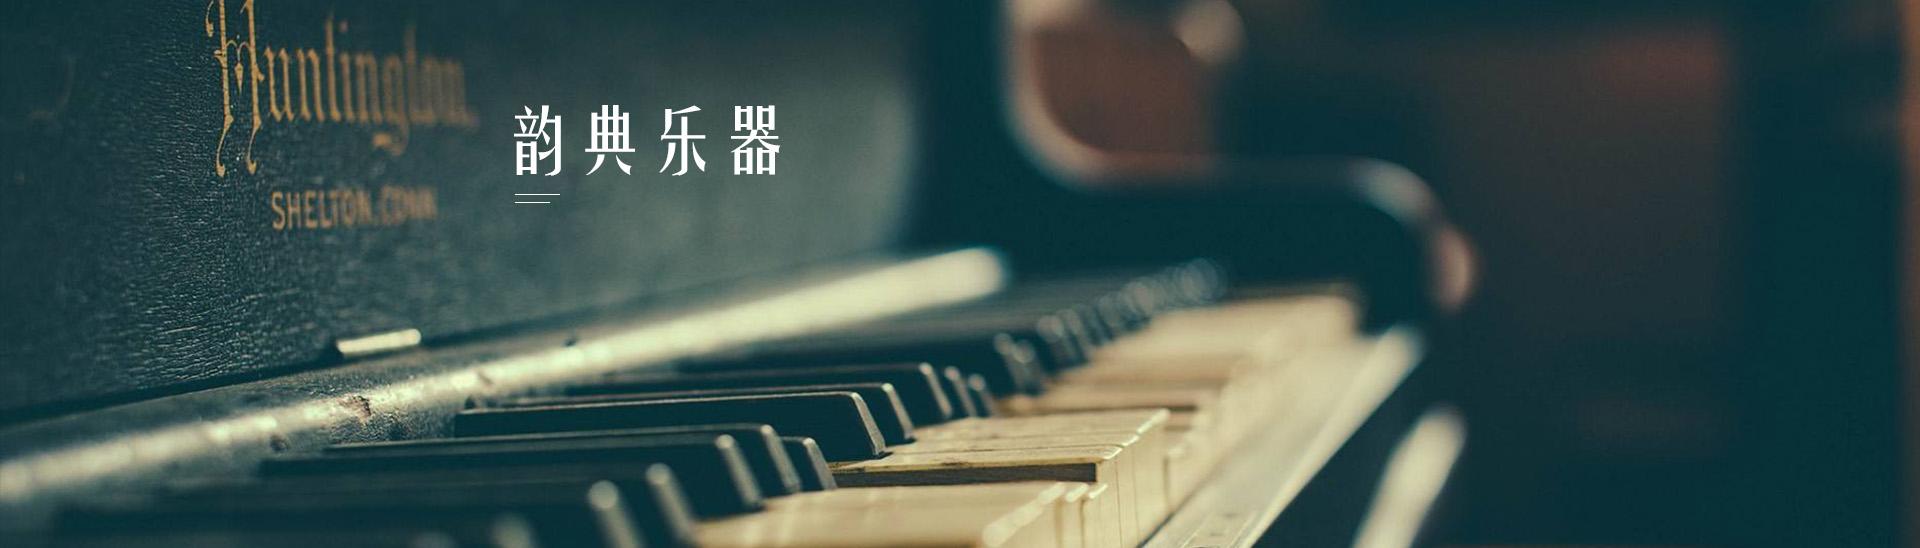 嘉兴二手钢琴